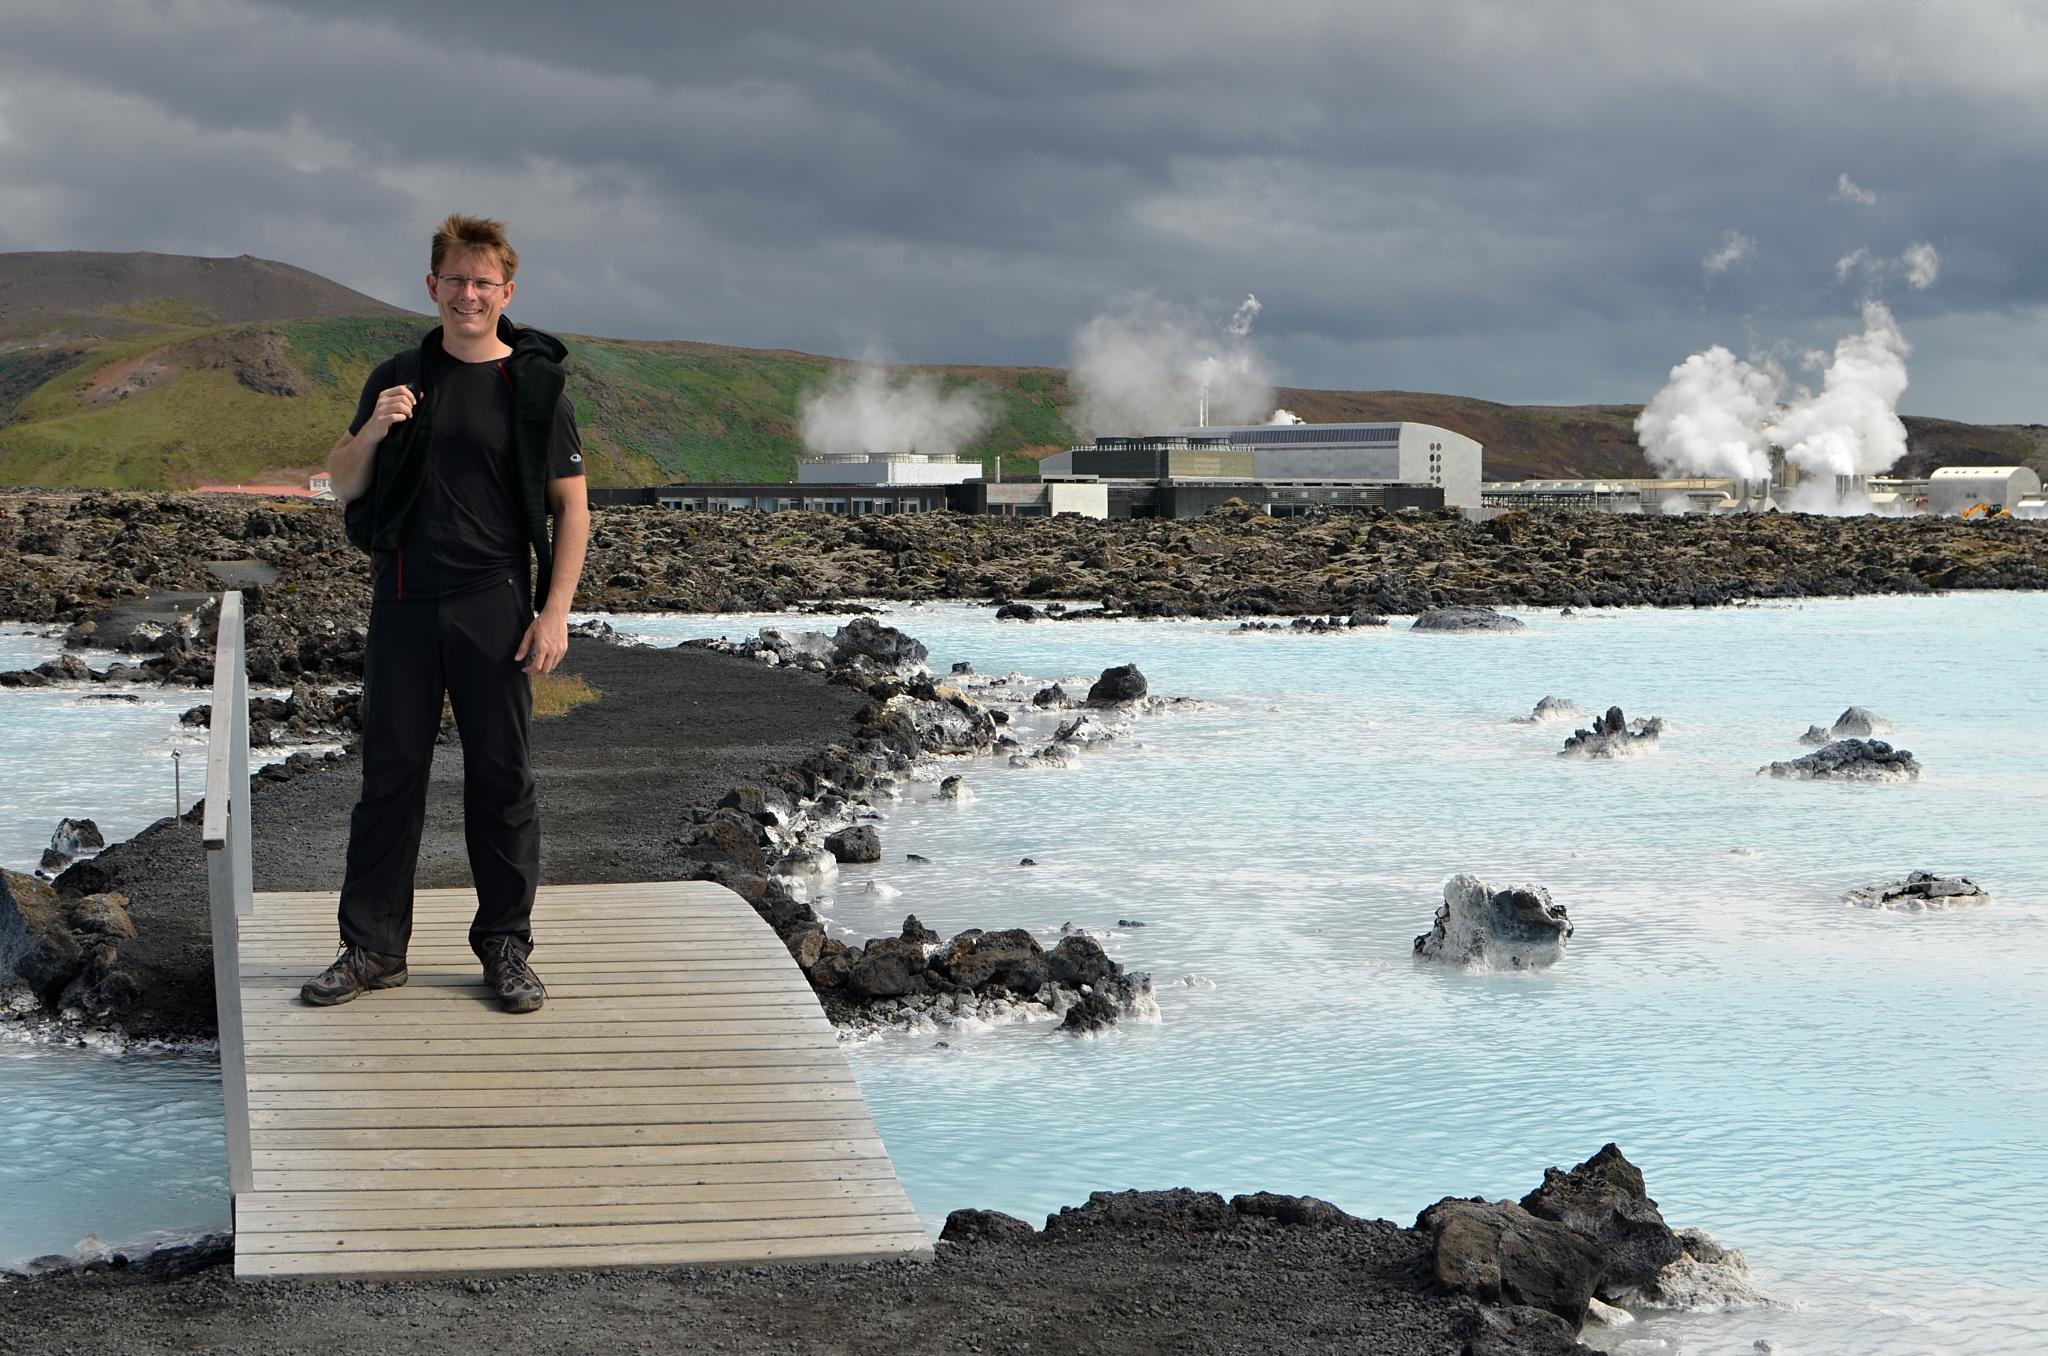 Před Modrou lagunou, v pozadí geotermální elektrárna Svartsengi